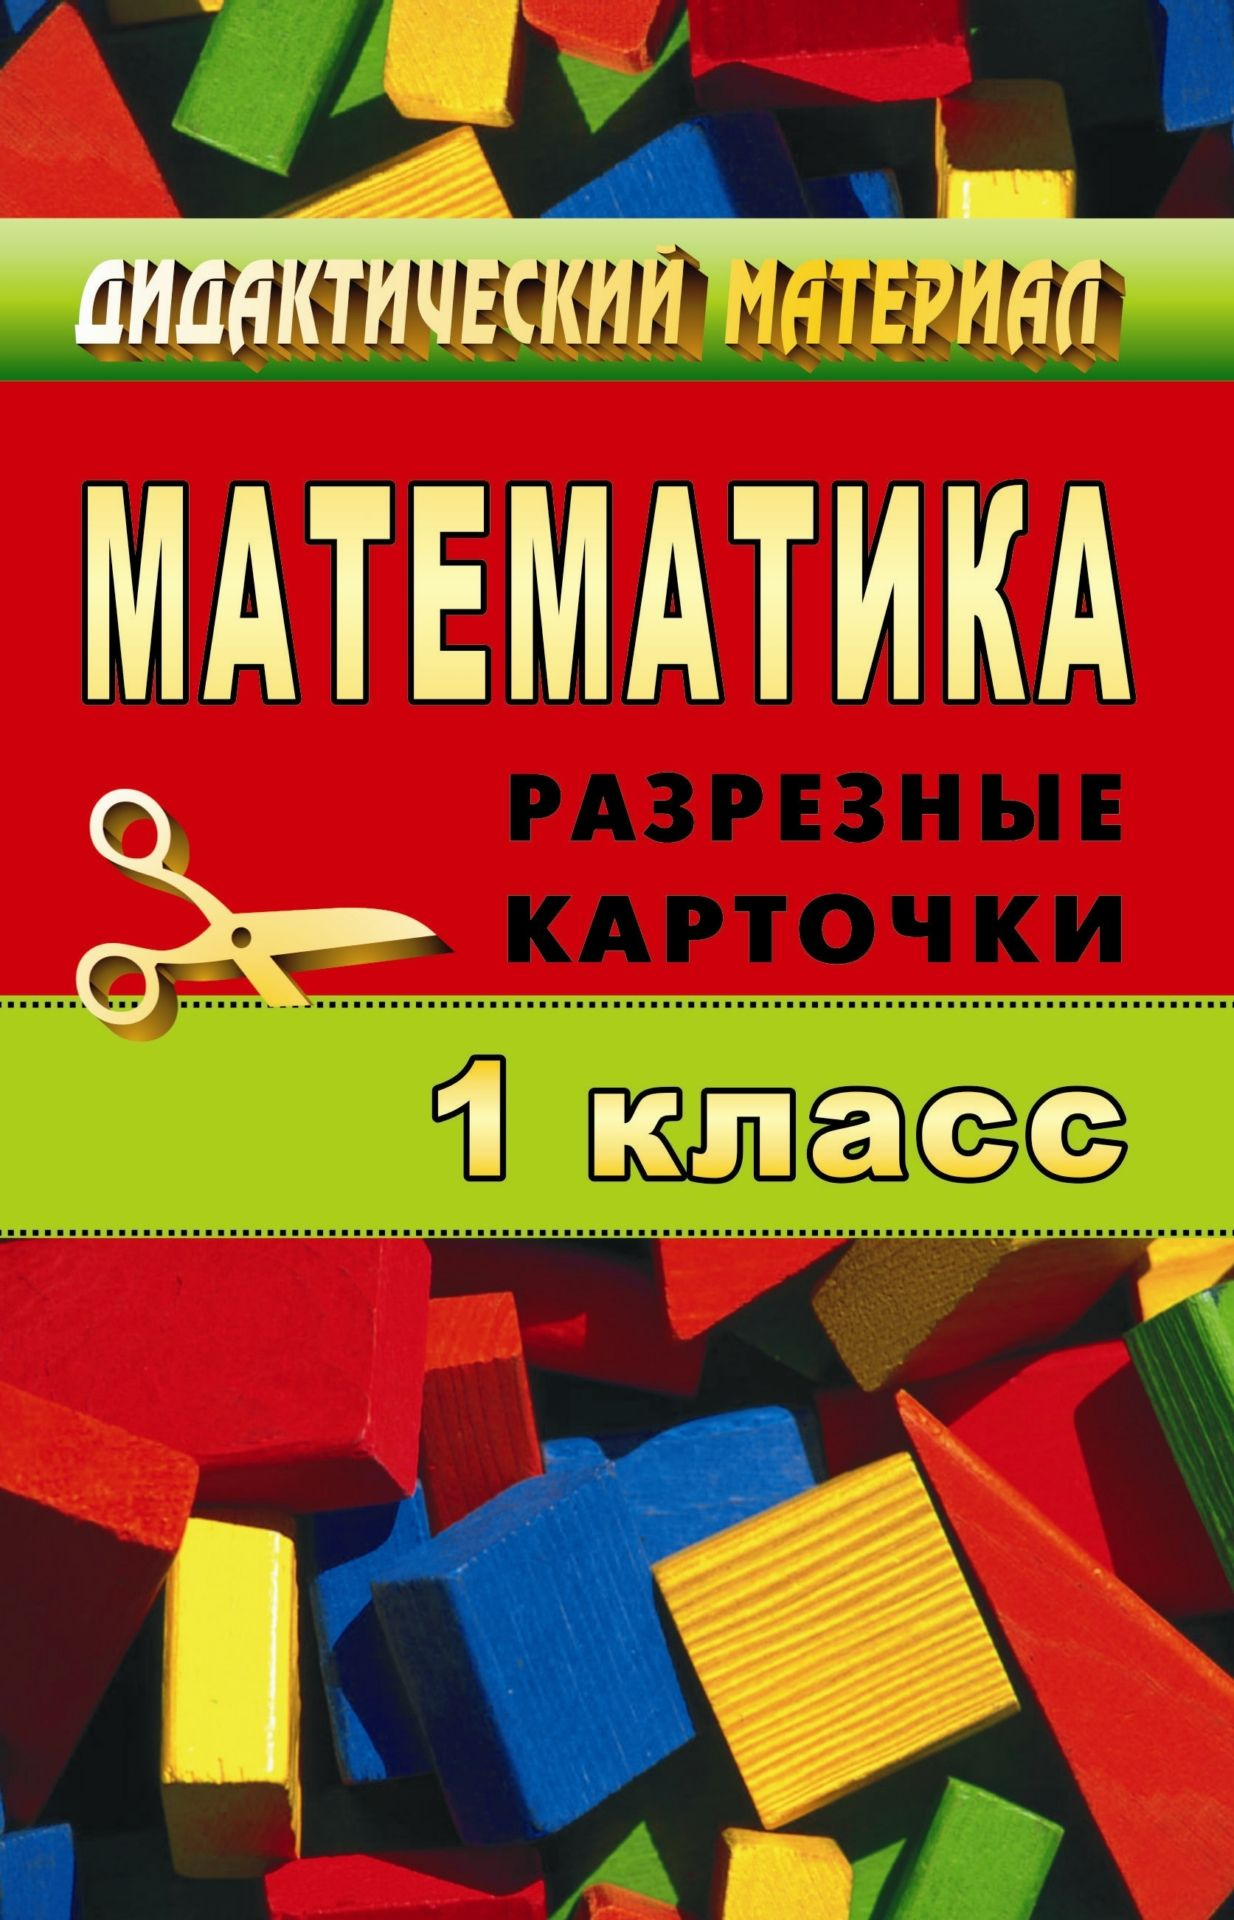 Математика. 1кл. Дидактический материал. Разрезные карточкиНачальная школа<br>В пособии представлен материал по математике для учащихся 1 классов. Карточки, составленные в соответствии с программой, с учетом усложнения материала, могут быть использованы при закреплении и контроле знаний учащихся по всем разделам курса.Задания, напр...<br><br>Авторы: Стромчинская Е. М.<br>Год: 2007<br>Серия: Дидактический материал<br>ISBN: 978-5-7057-1212-0<br>Высота: 215<br>Ширина: 140<br>Толщина: 8